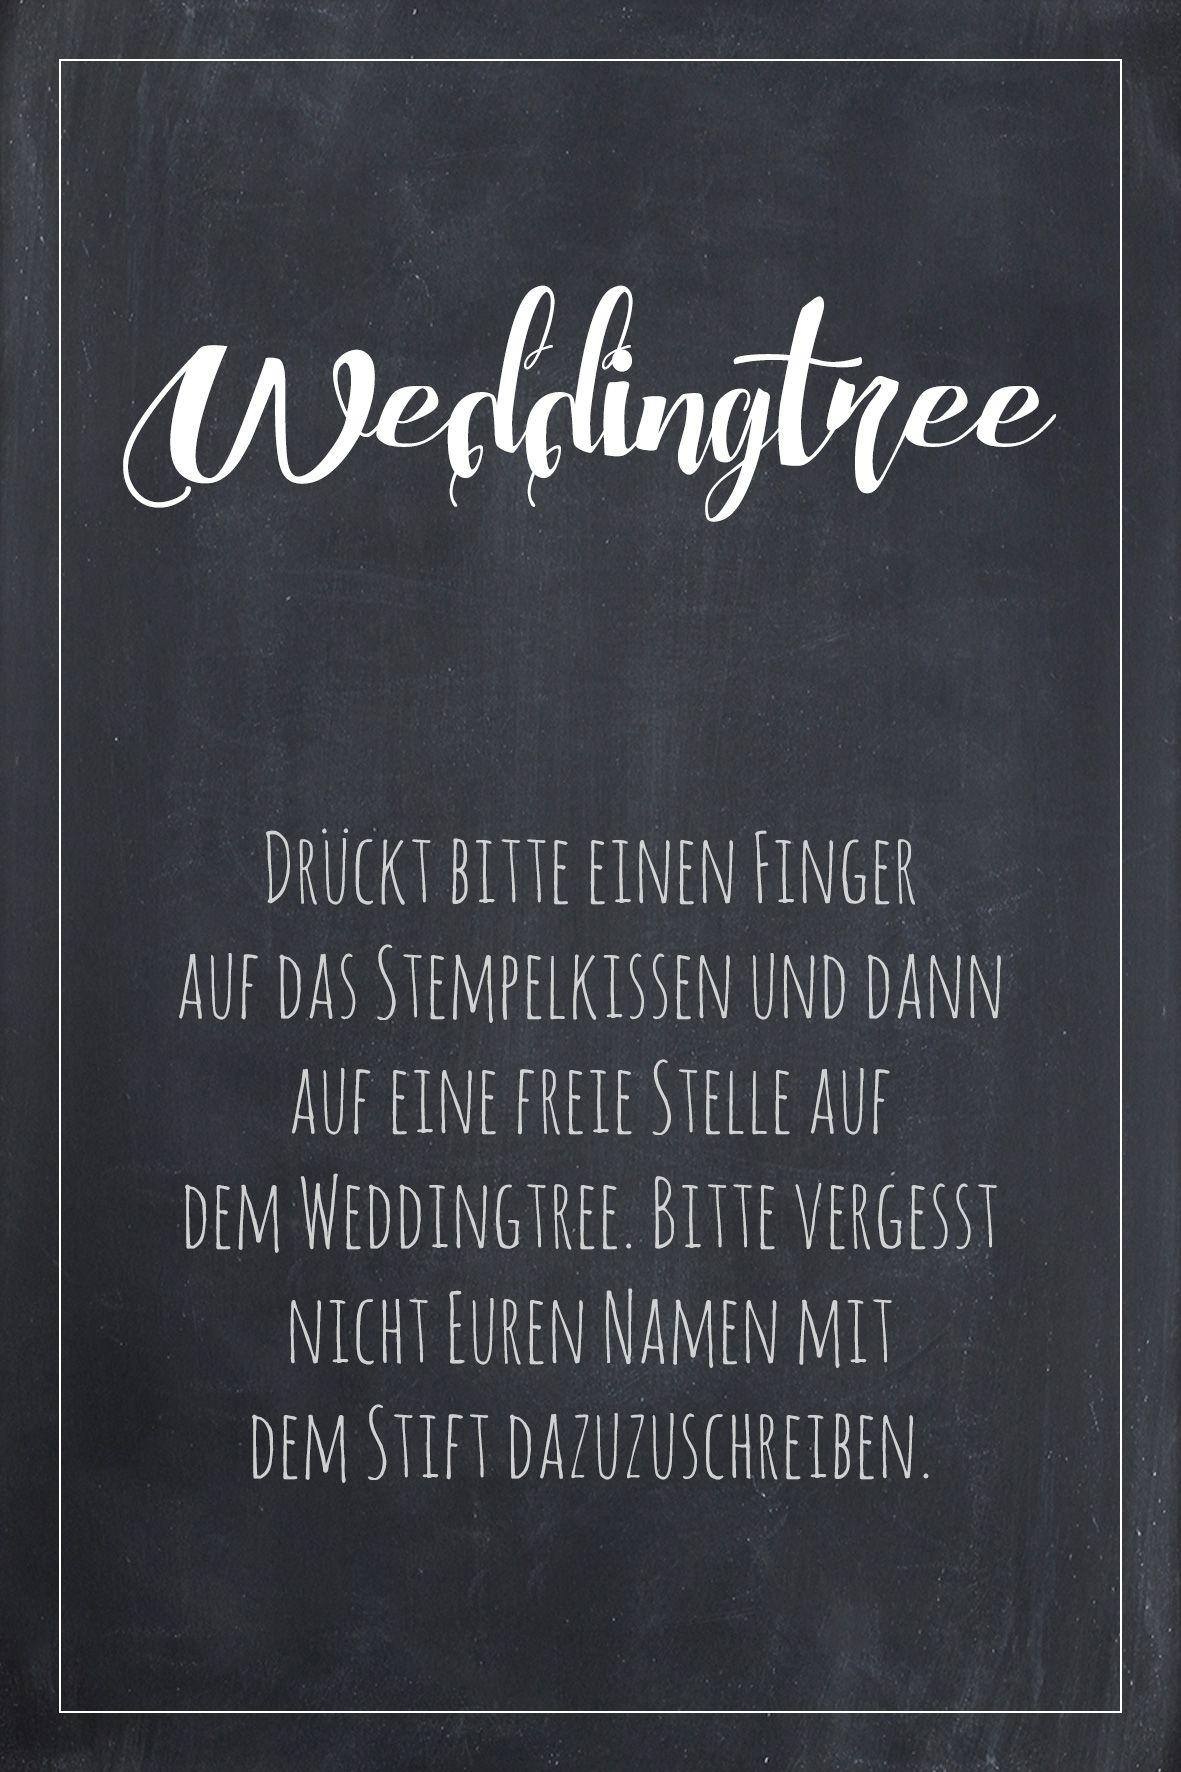 Weddingtree Schild Fur Die Hochzeit Zum Kostenlosen Download Hochzeit Diy Hochzeit Fingerabdruck Hochzeit